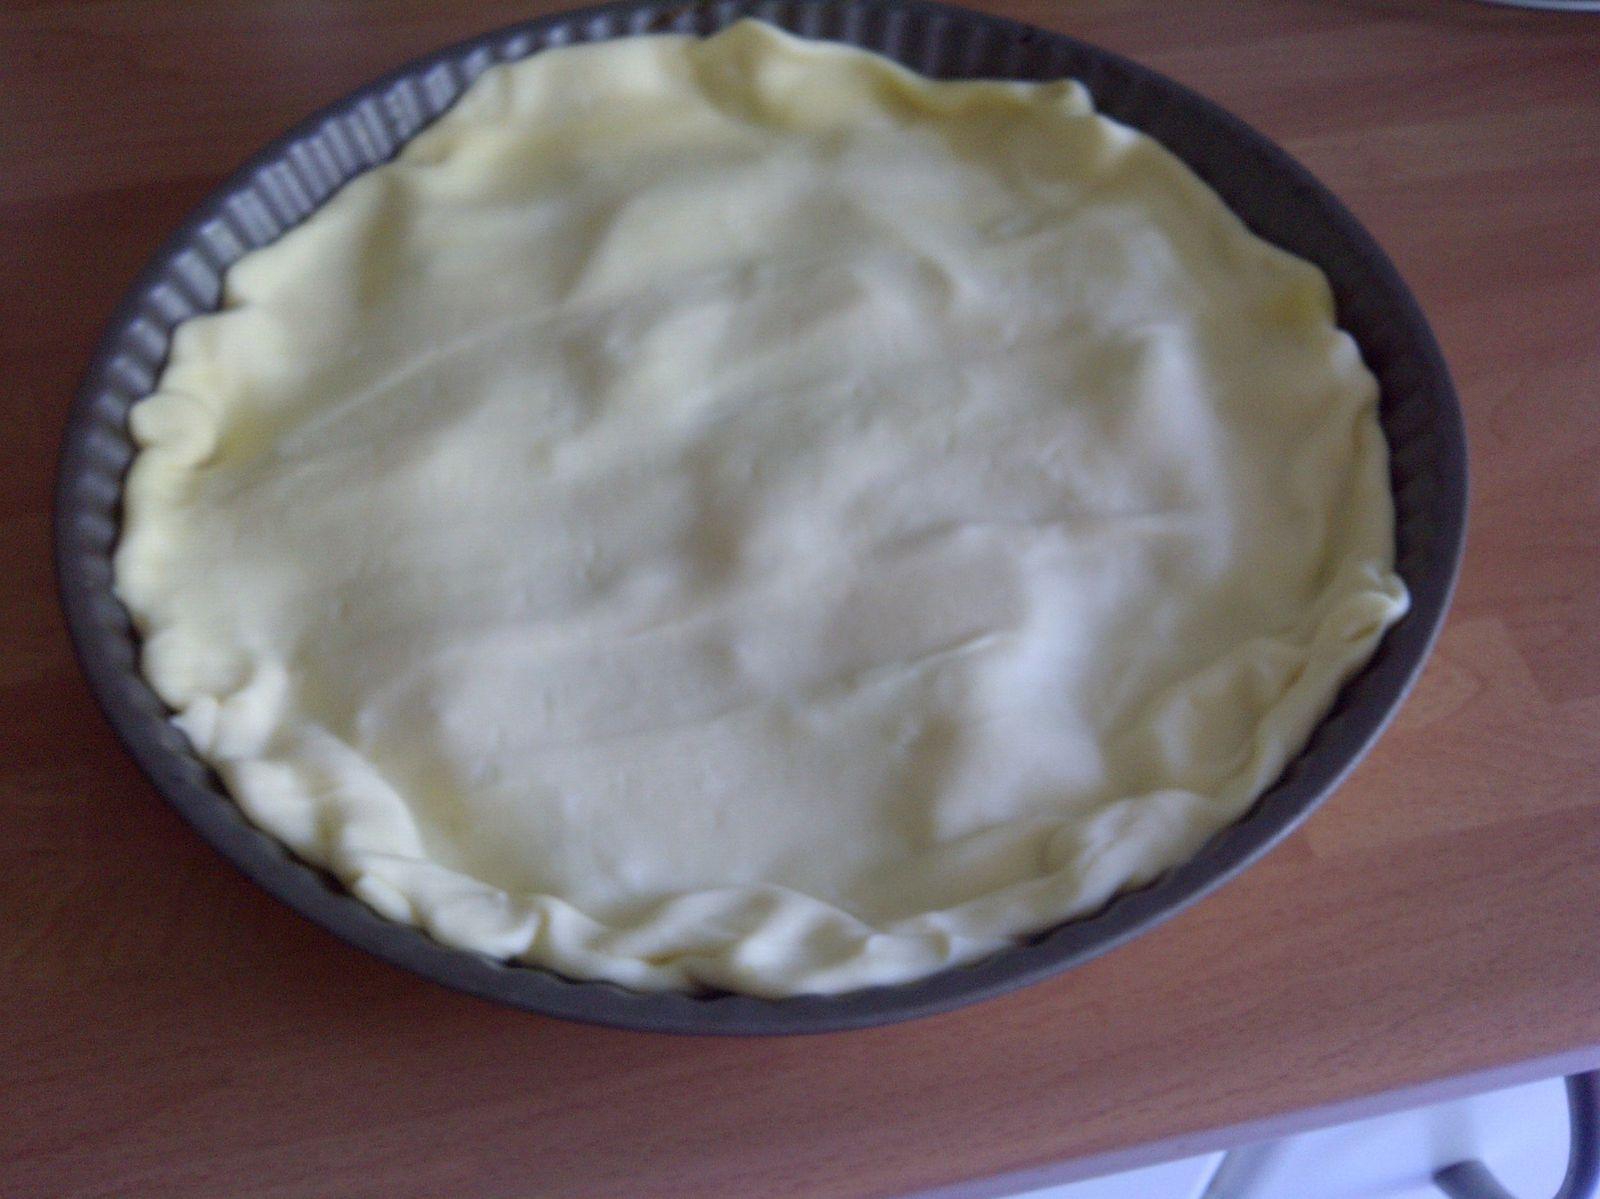 La pâte feuilletée recouvre les lamelles et les bords ont été repliés